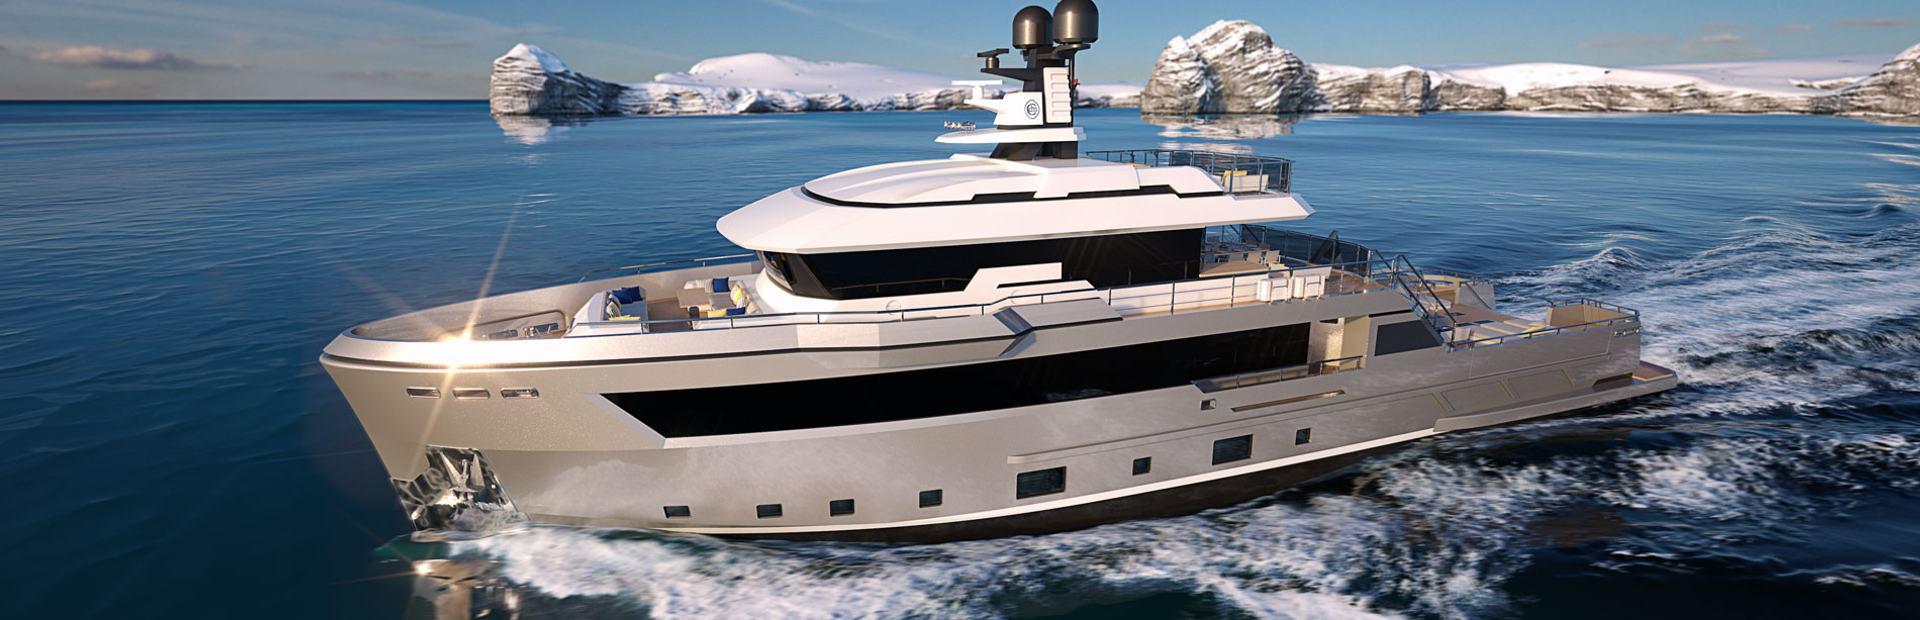 Flexplorer 140 Yacht Charter